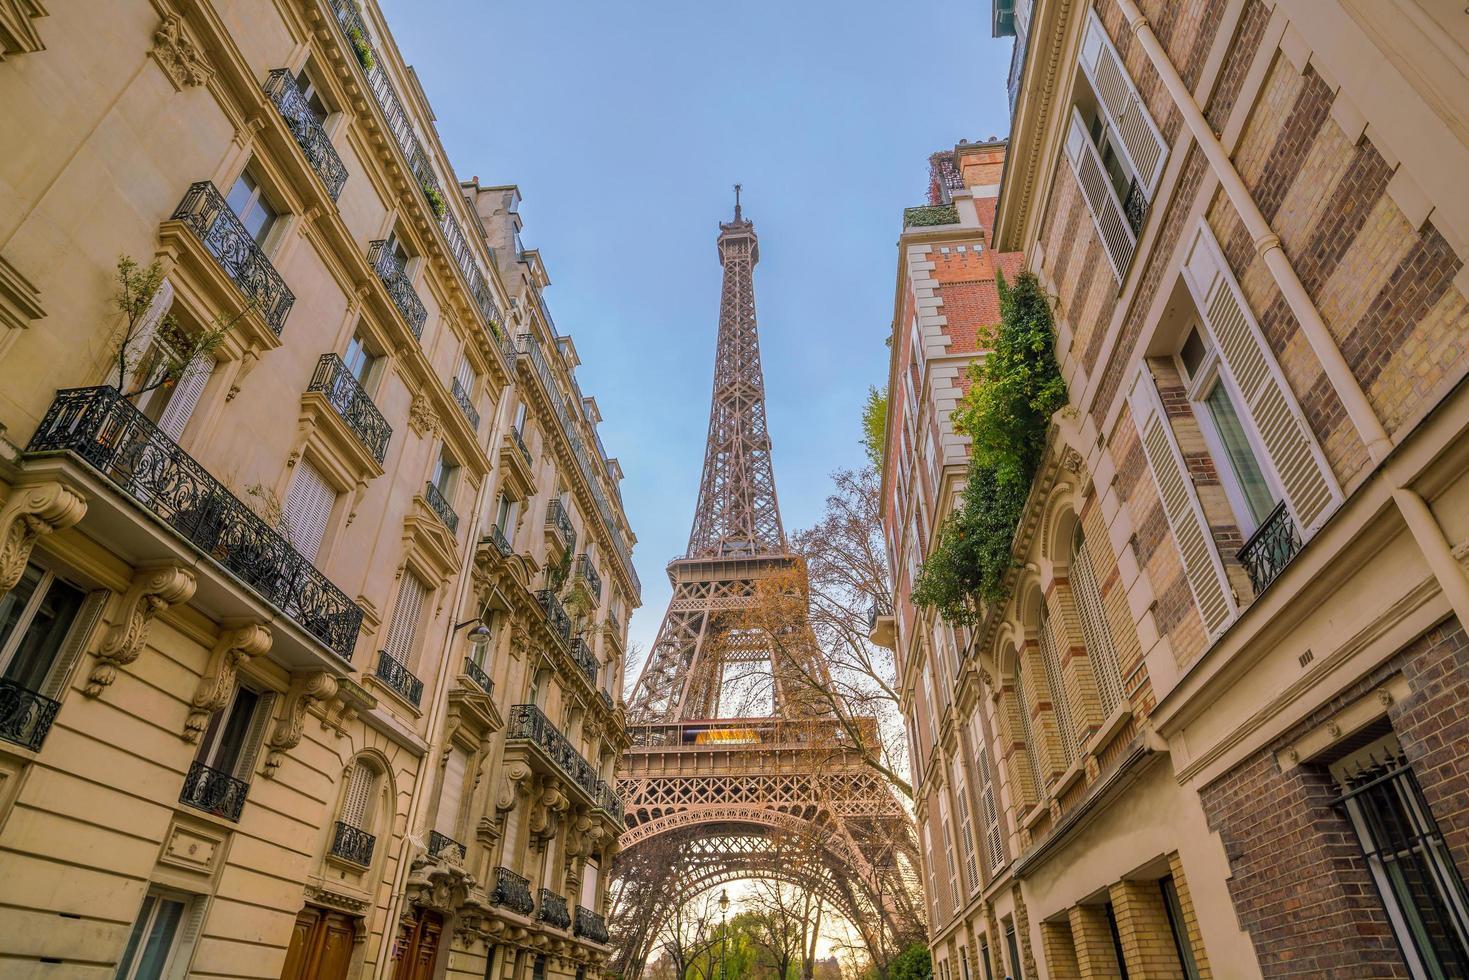 la tour eiffel et les bâtiments d'époque à paris photo